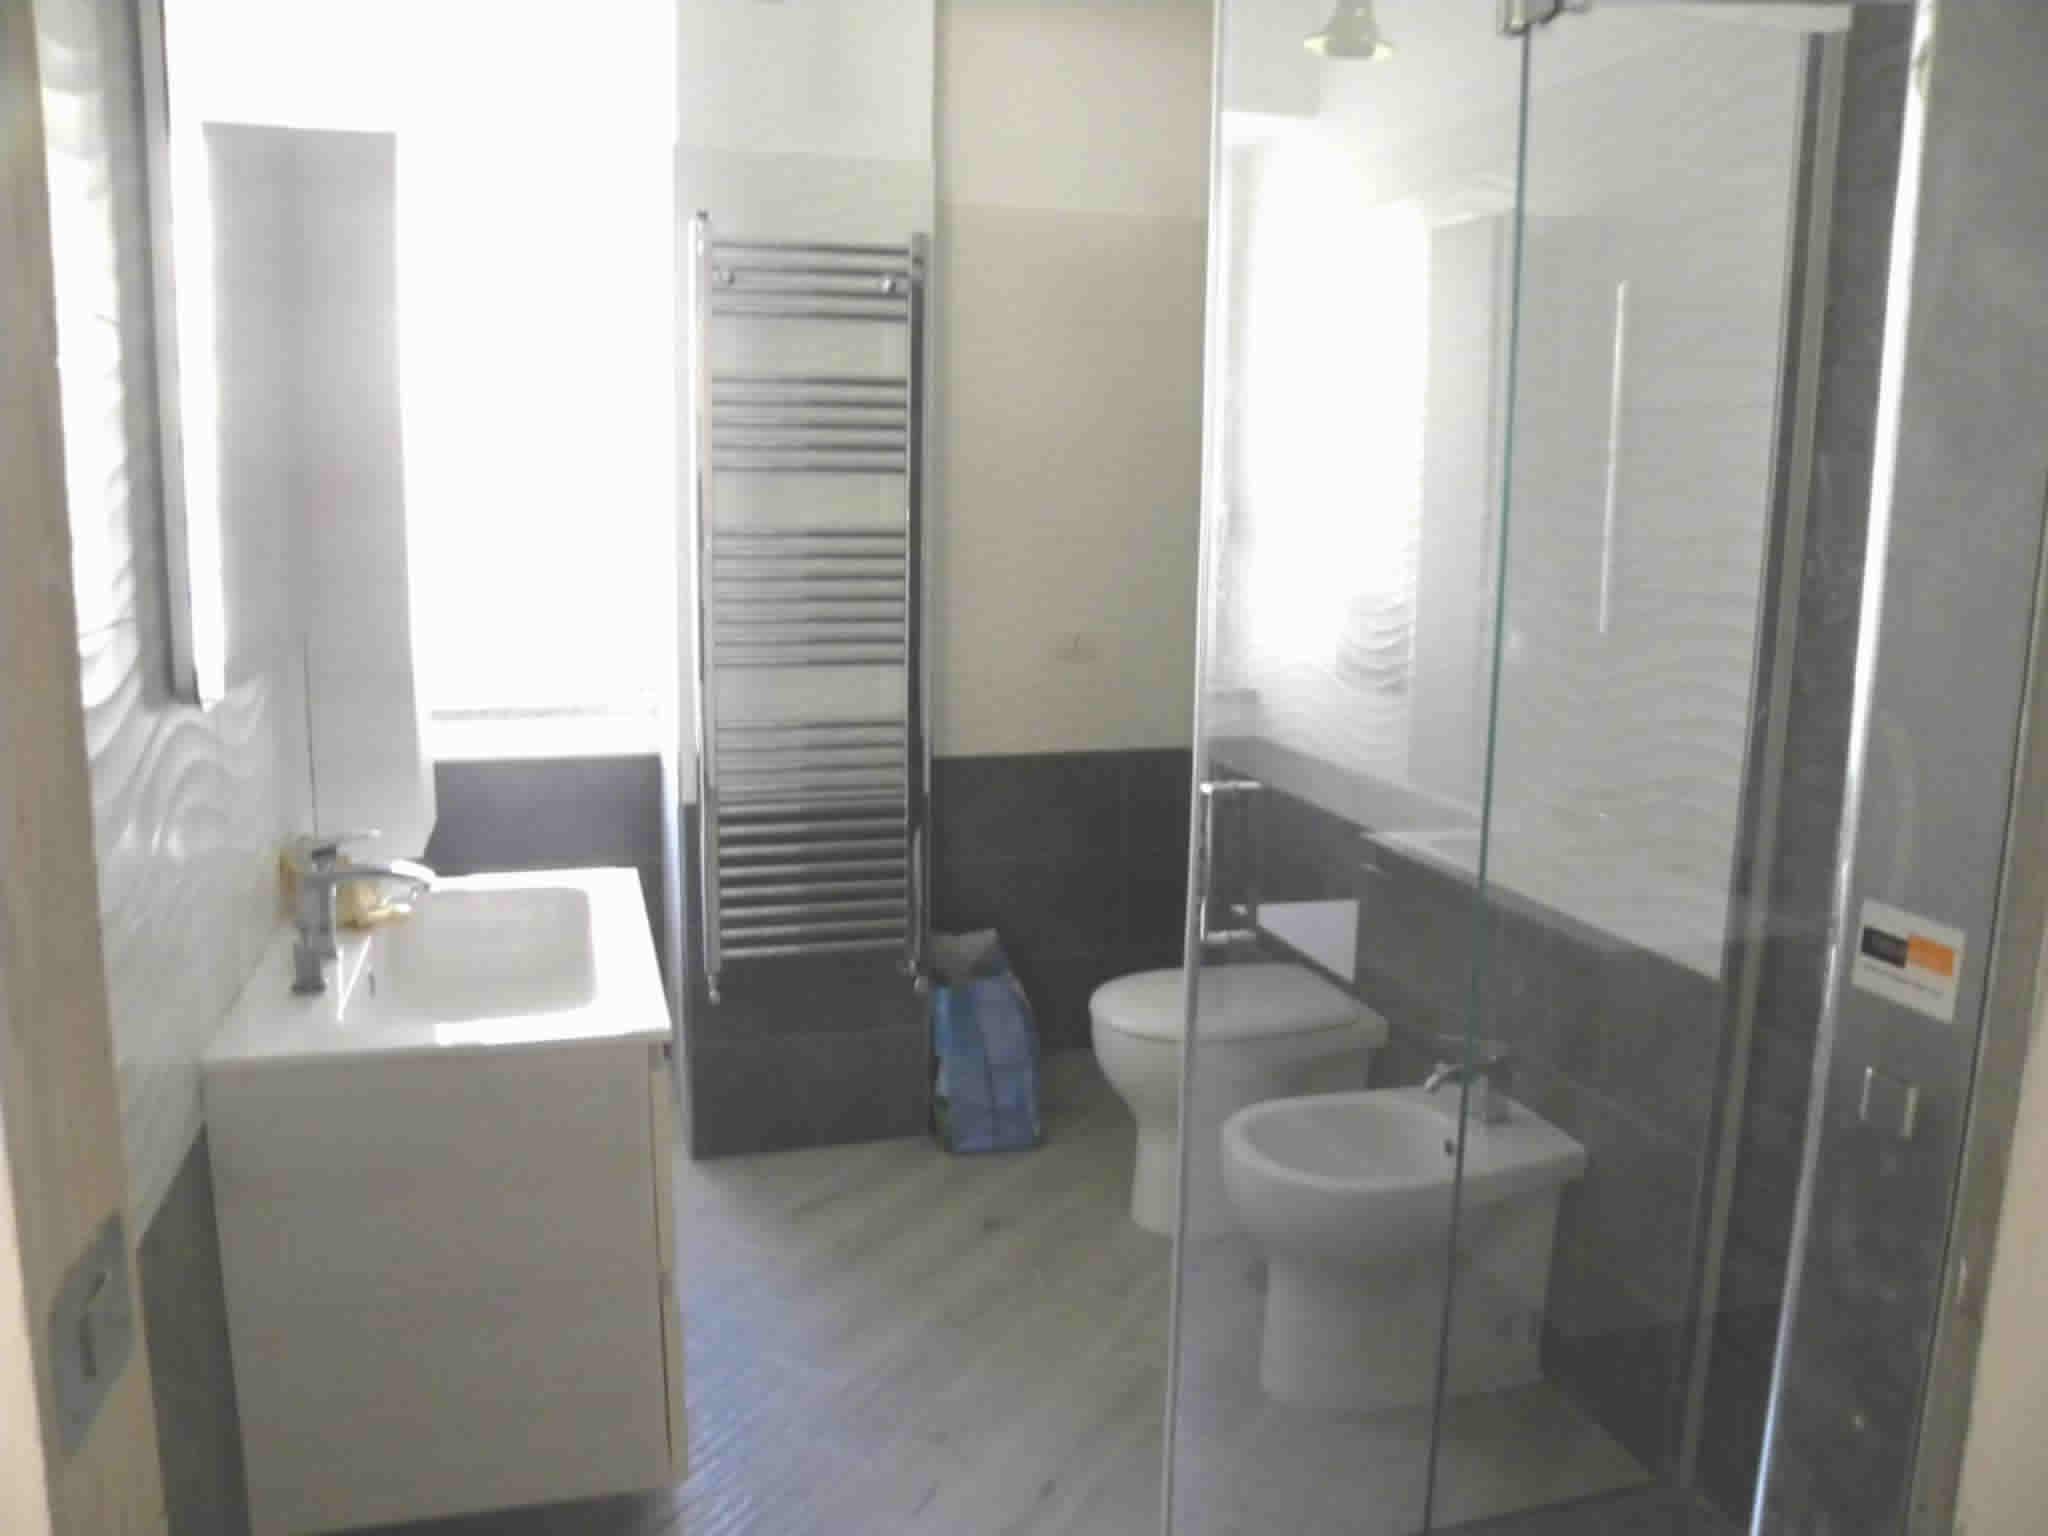 permesso per fare un bagno in piu in casa a roma